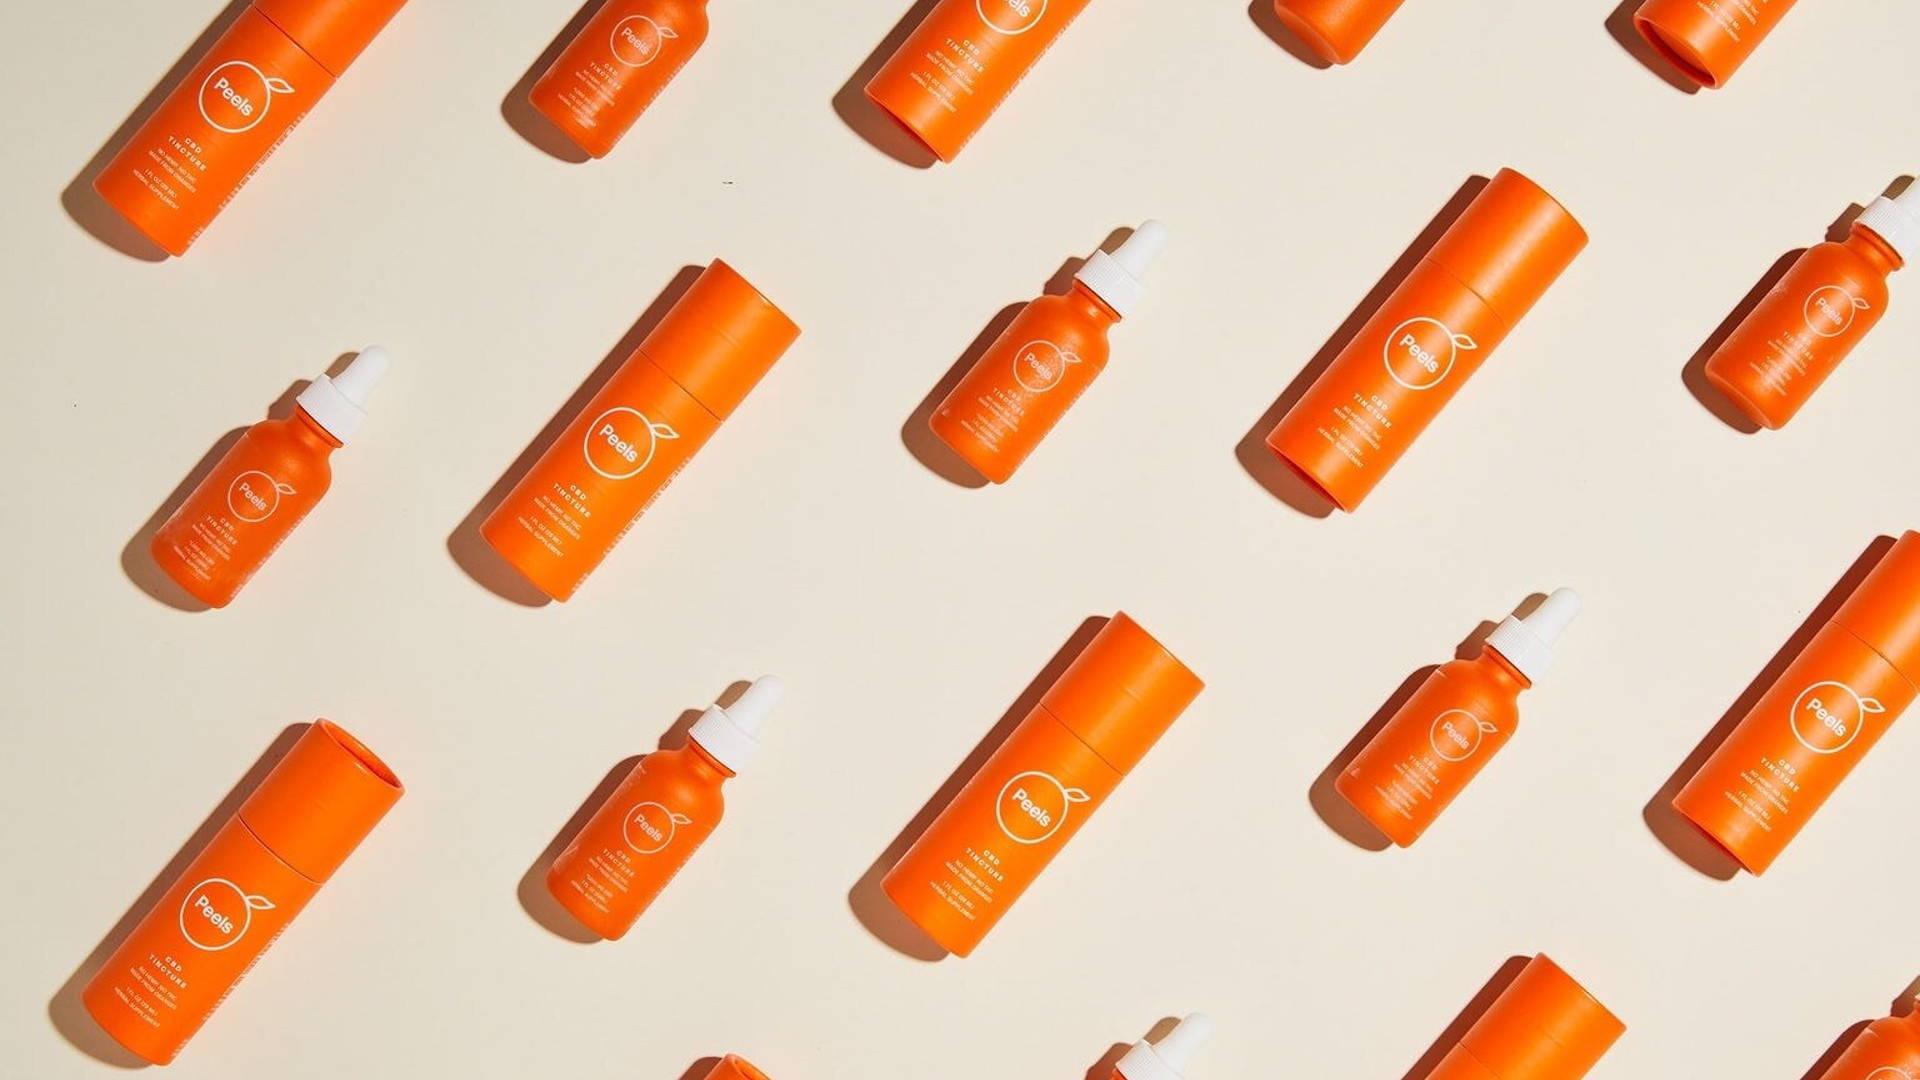 26款橘色調包裝設計案例賞析